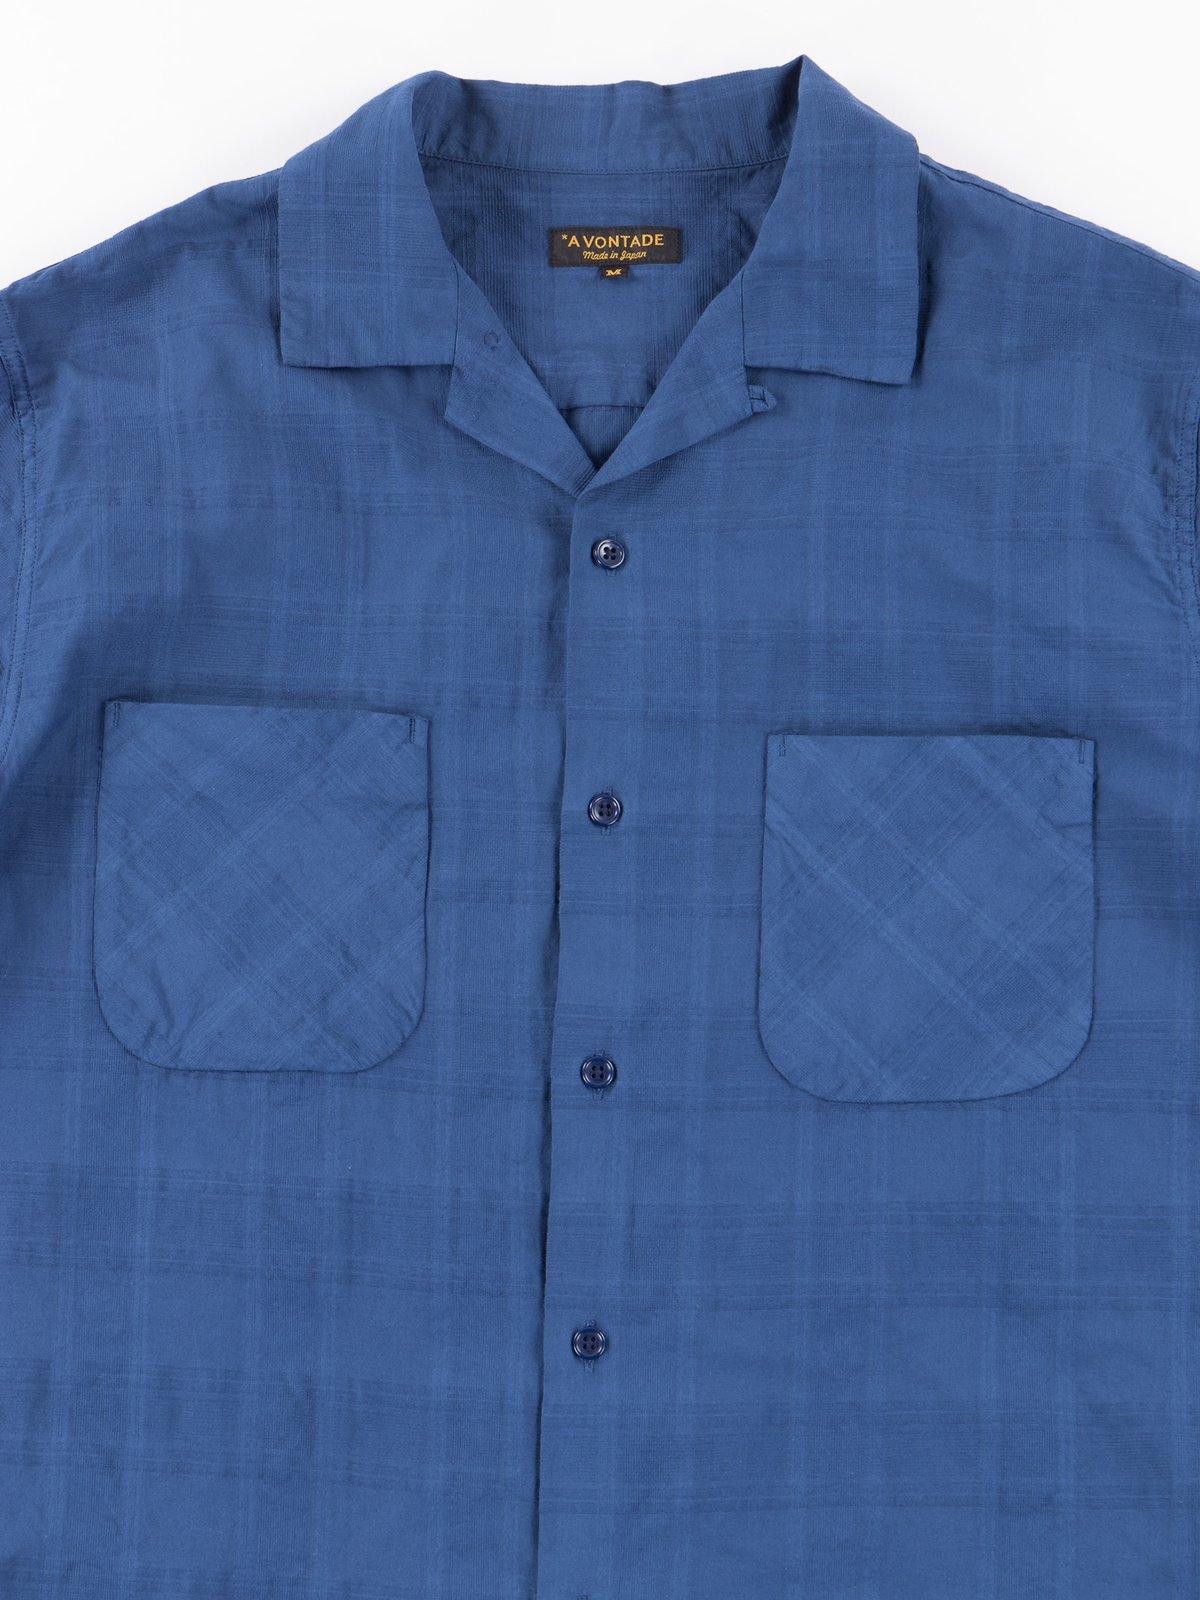 Navy Blue Open SS Shirt - Image 2